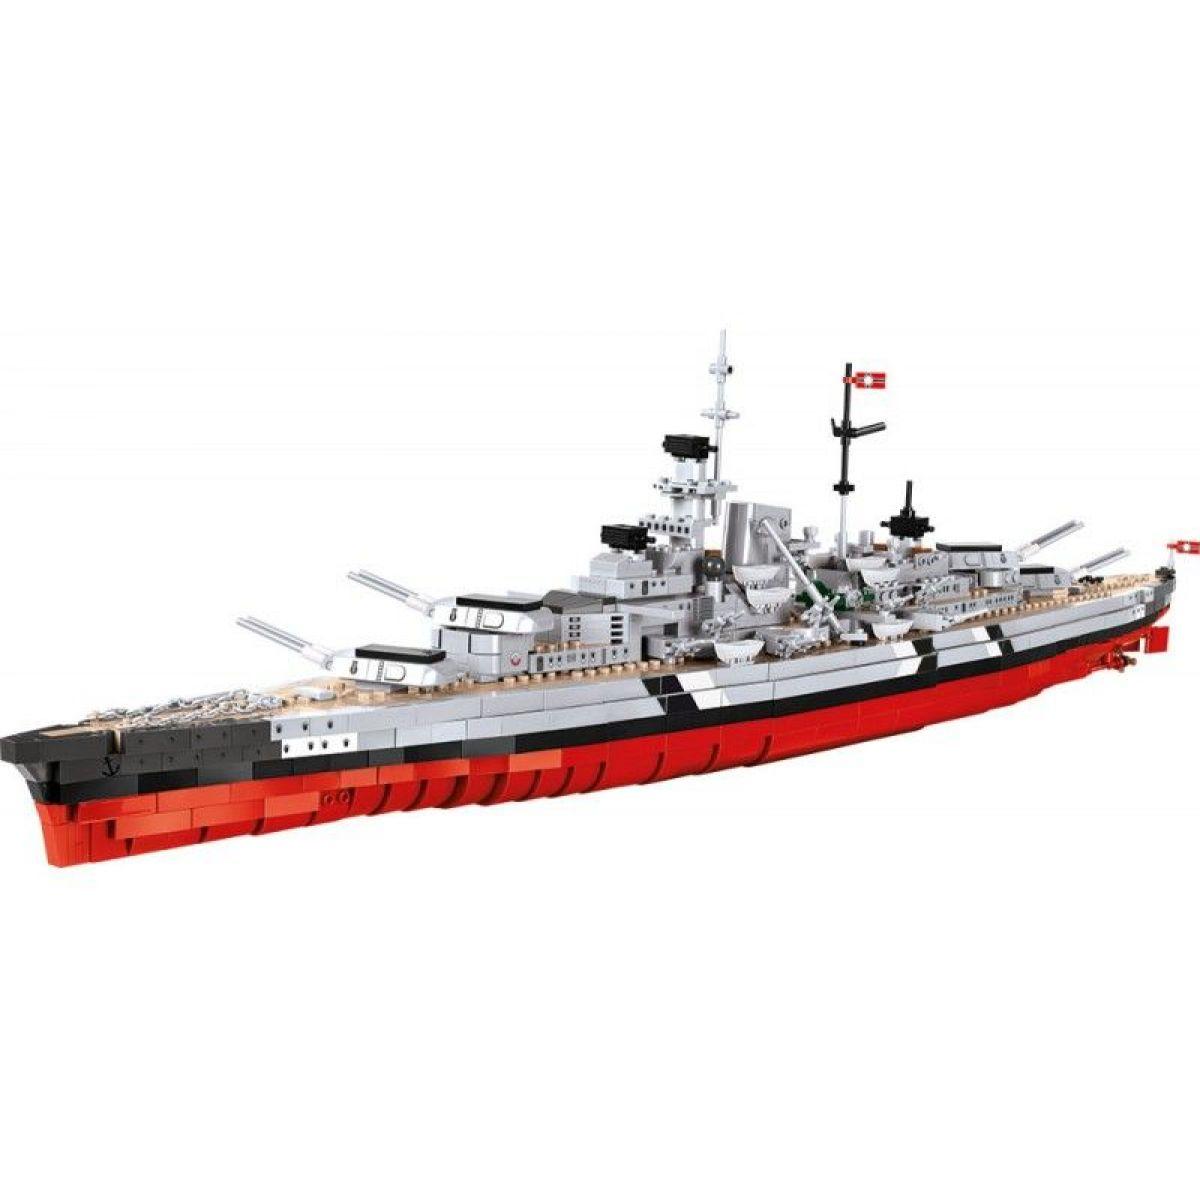 Cobi 4810 Malá armáda Bitevník Bismarck